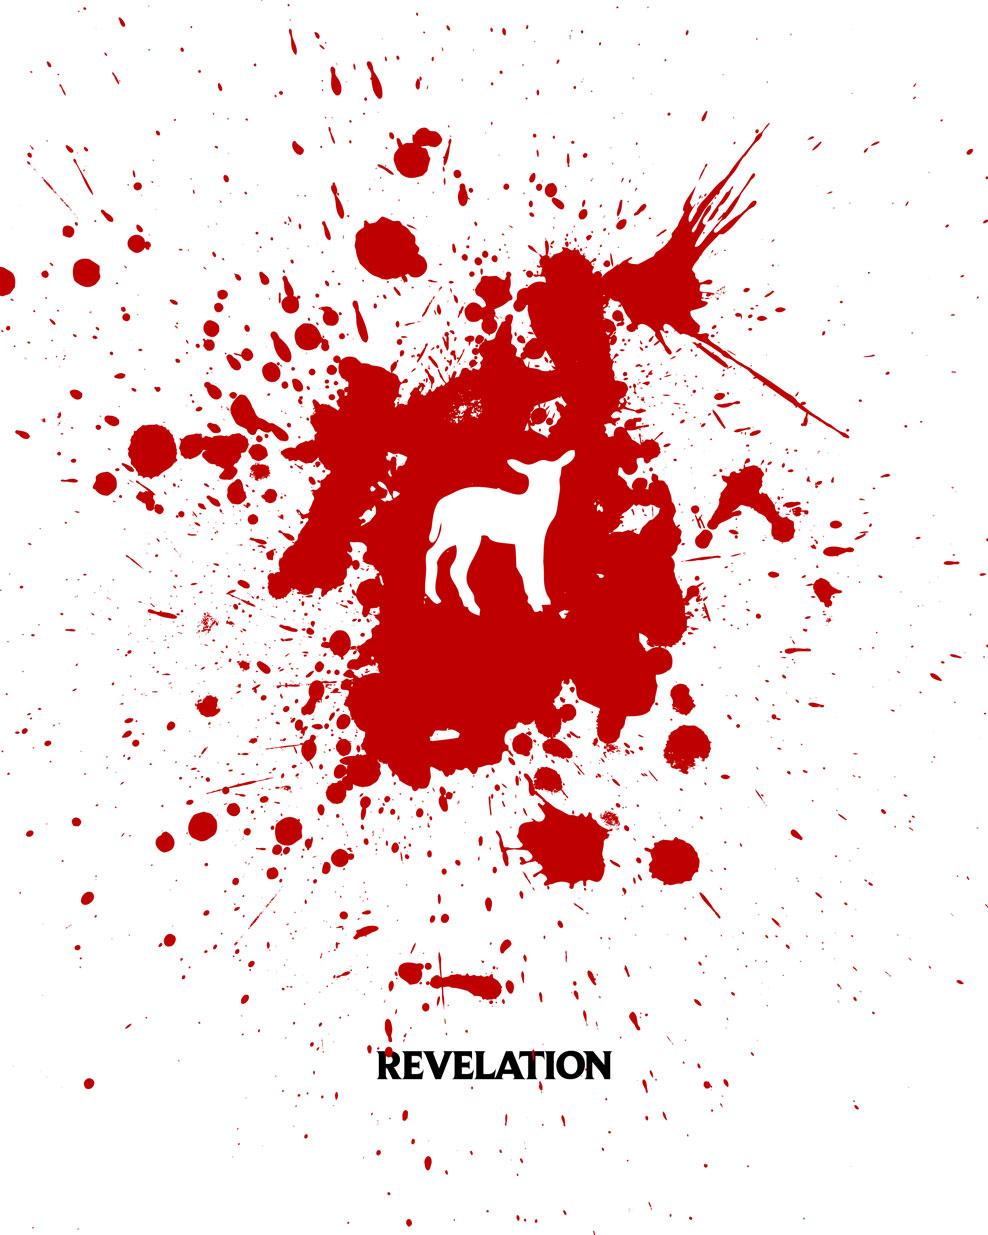 66-Revelation_988.jpg